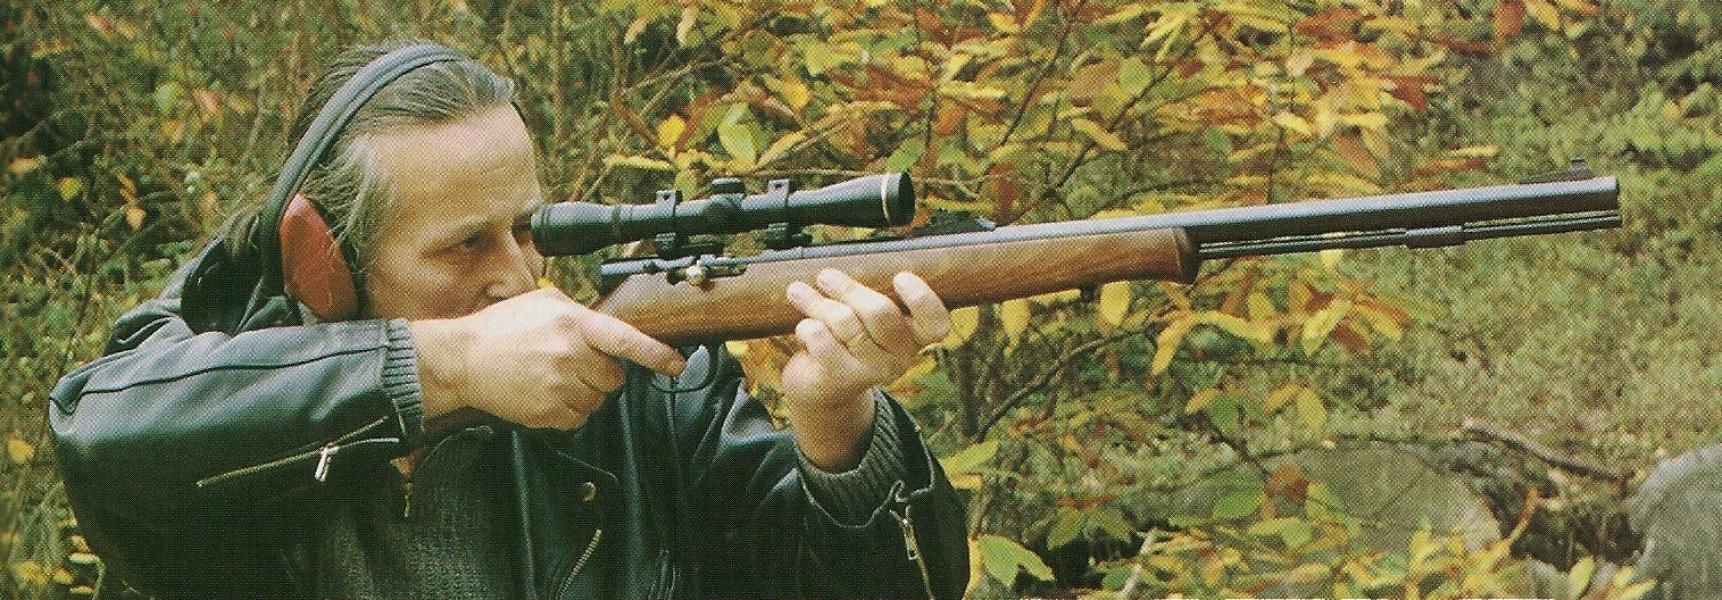 Rémi Bourgeois en 1998, quand il effectuait avec nous des tests sur le terrain de la carabine Ardesa « In Line rifle » de calibre .50 à poudre noire.